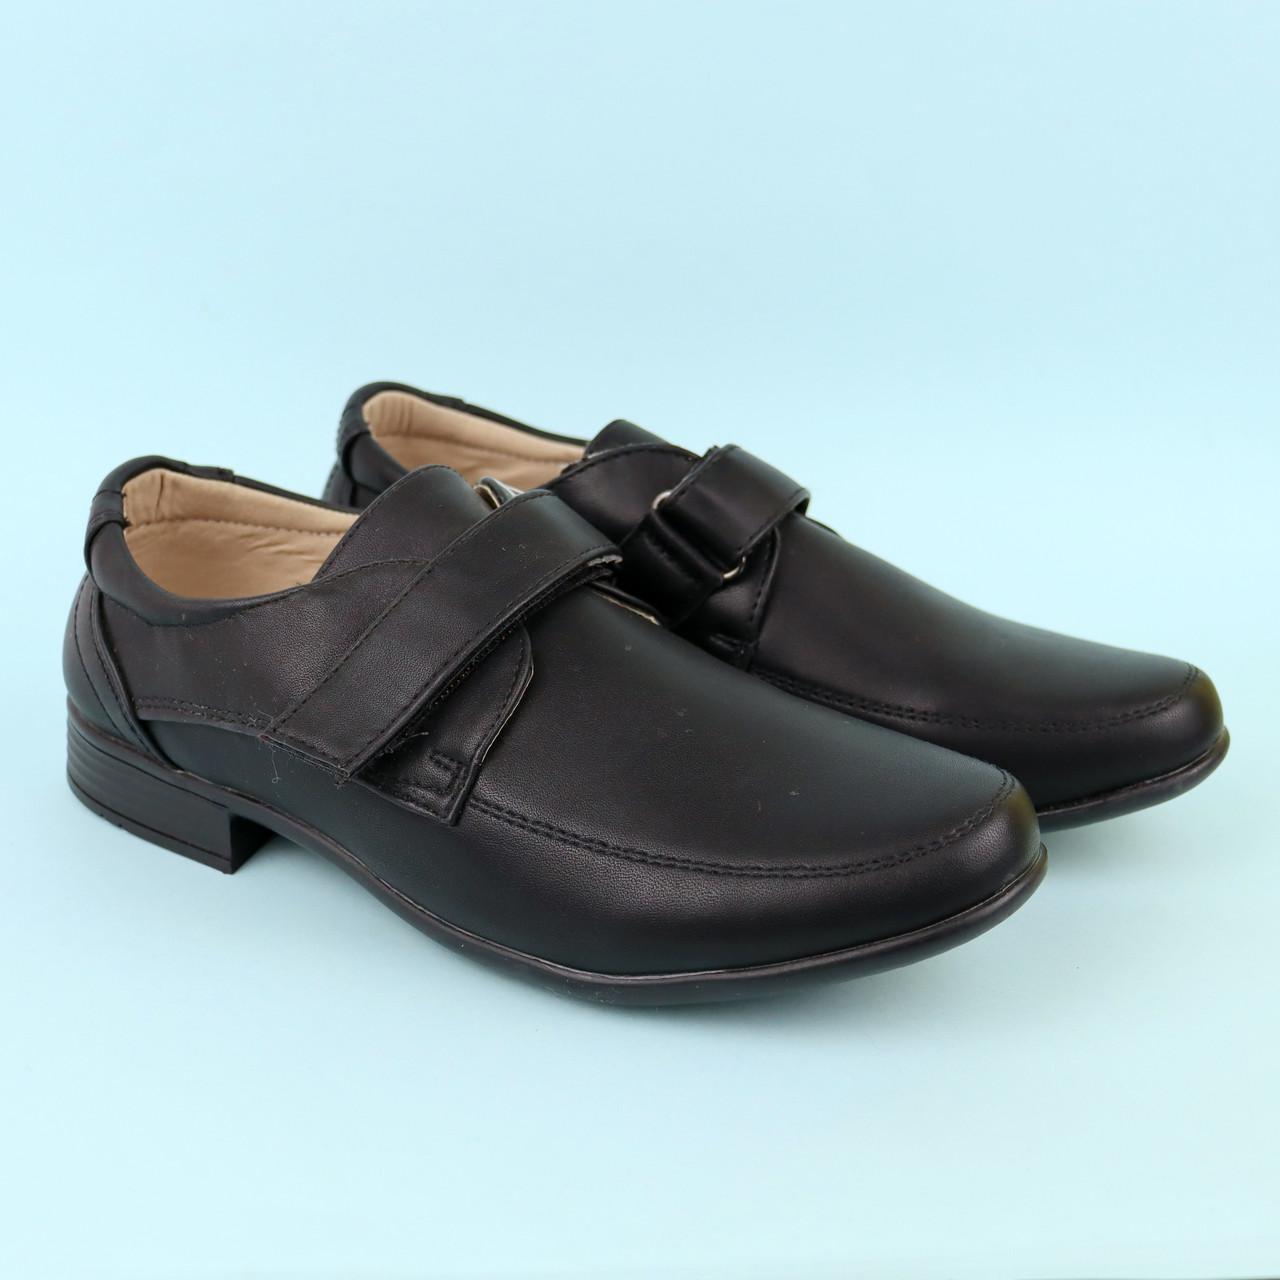 Чорні класичні туфлі на хлопчика Tom.m розмір 36,37